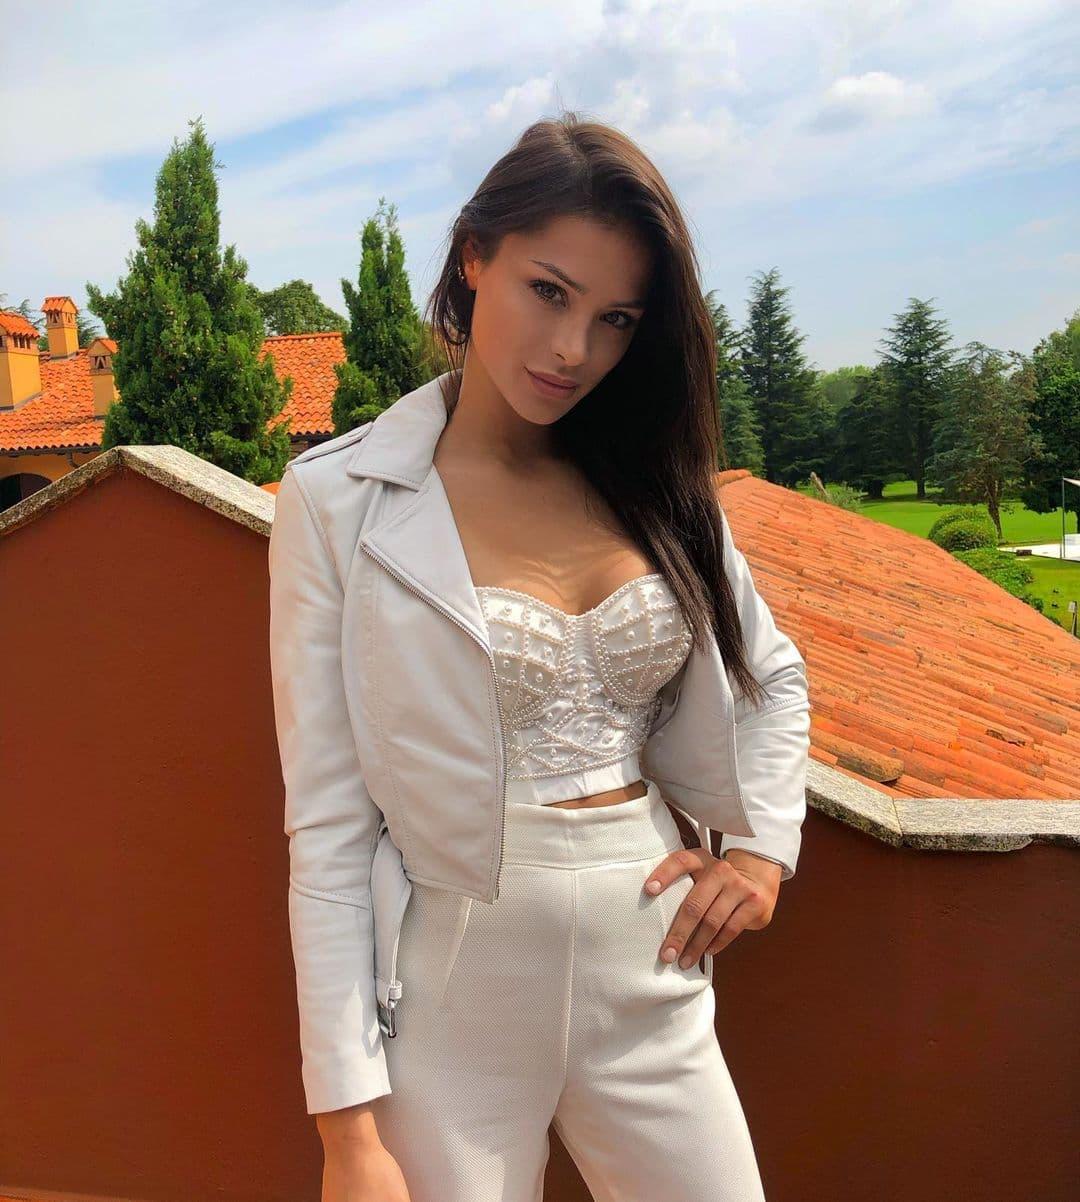 Сандра Дзивишек – любимая девушка гонщика «Уильямса» Николаса Латифи. И бывшая подруга Войчеха Шченсного!